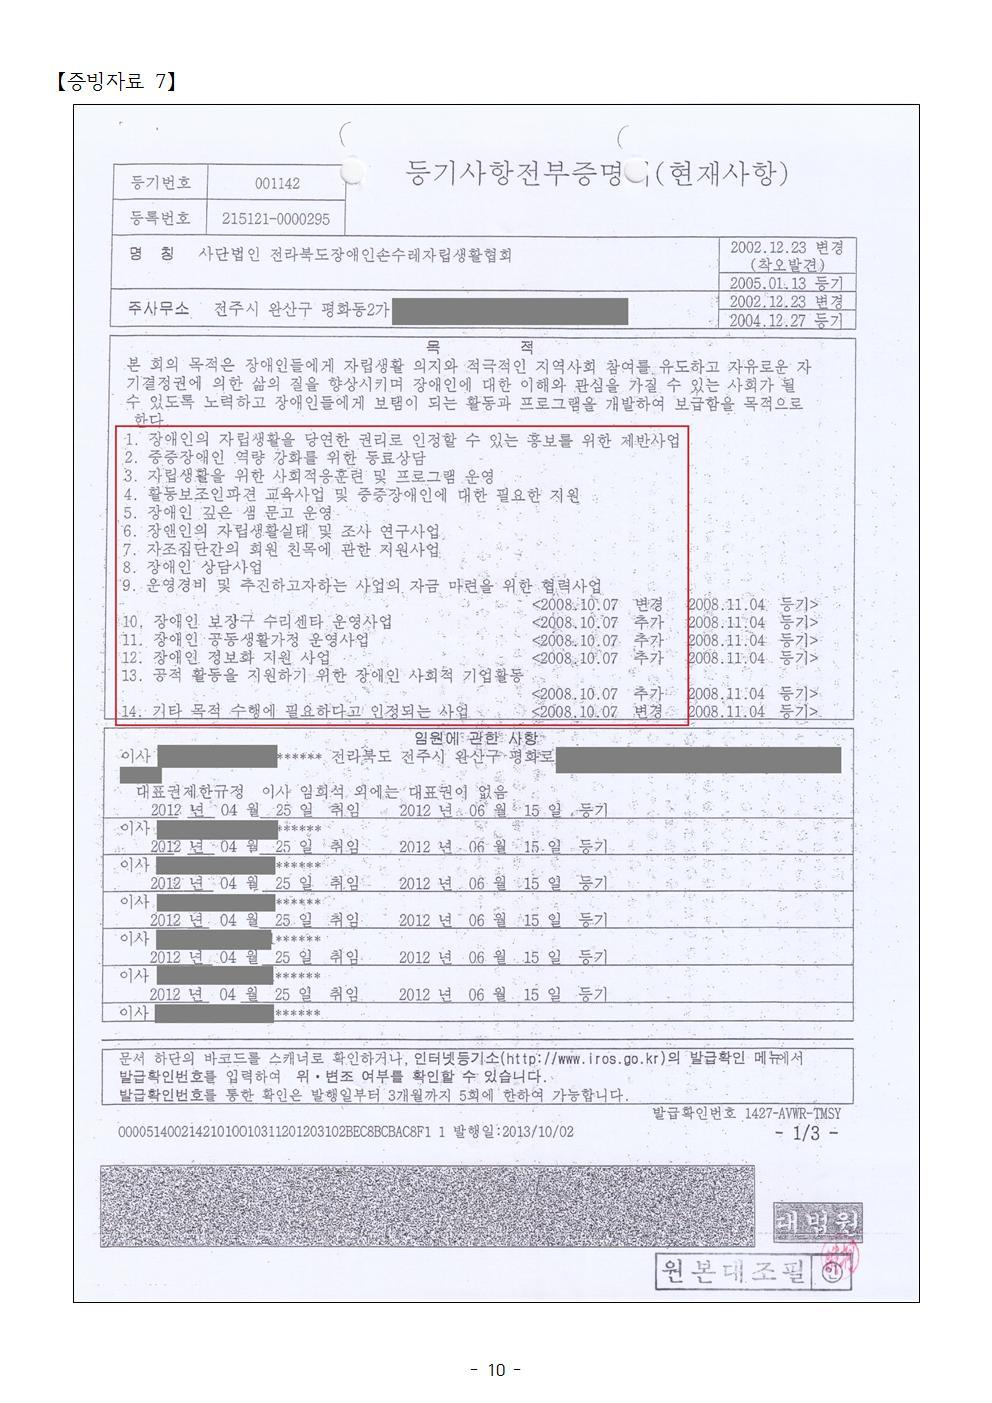 2013년 12월 31일 전주시(전북도), 손수레주간보호센터 신고에서 수리까지 모두 당일에 OK010.jpg